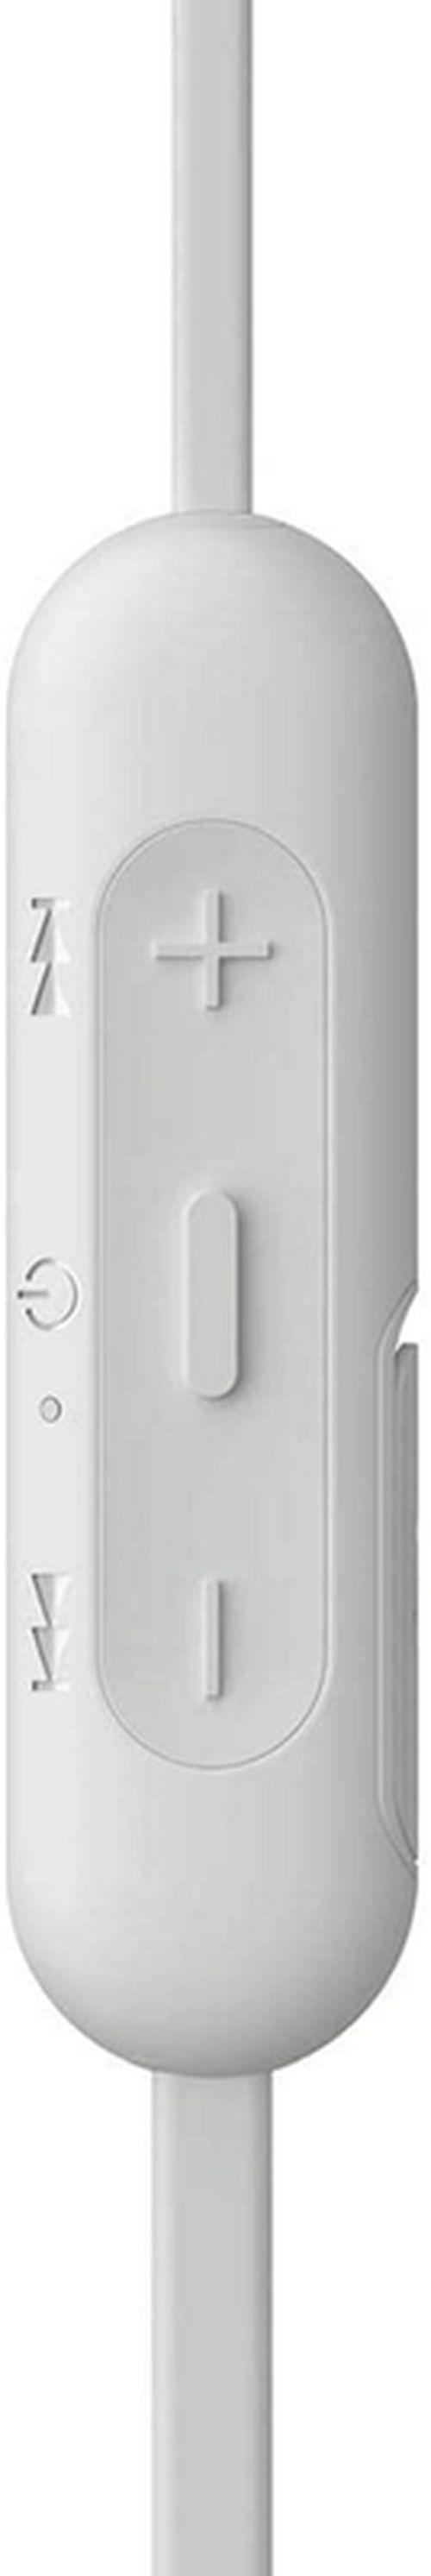 cumpără Cască fără fir Sony WI-C310W în Chișinău